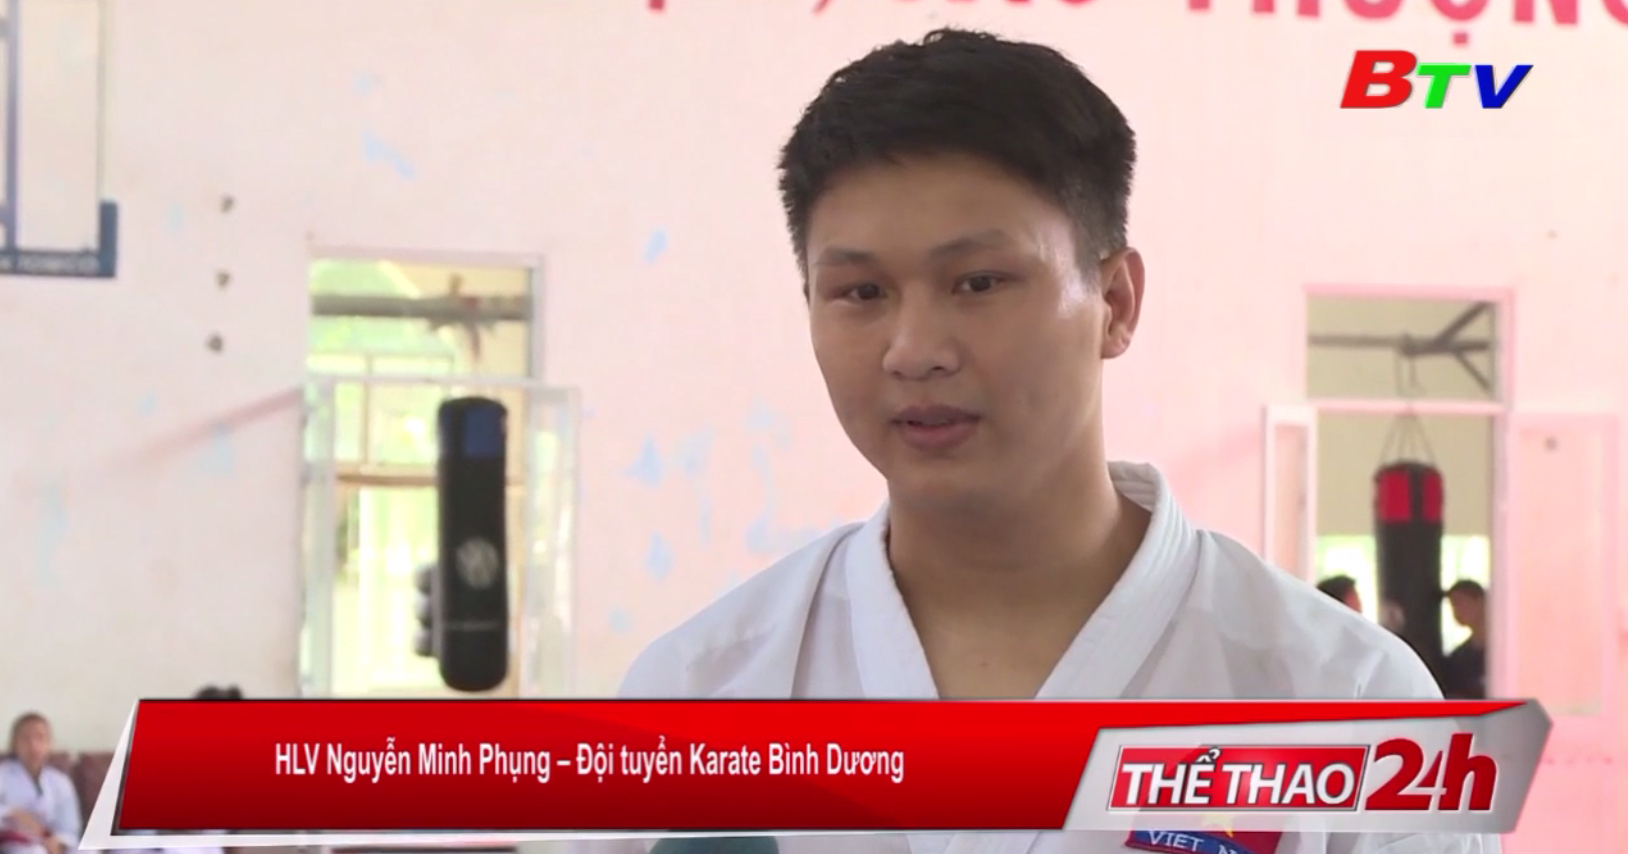 Karate Bình Dương trẻ hóa lực lượng